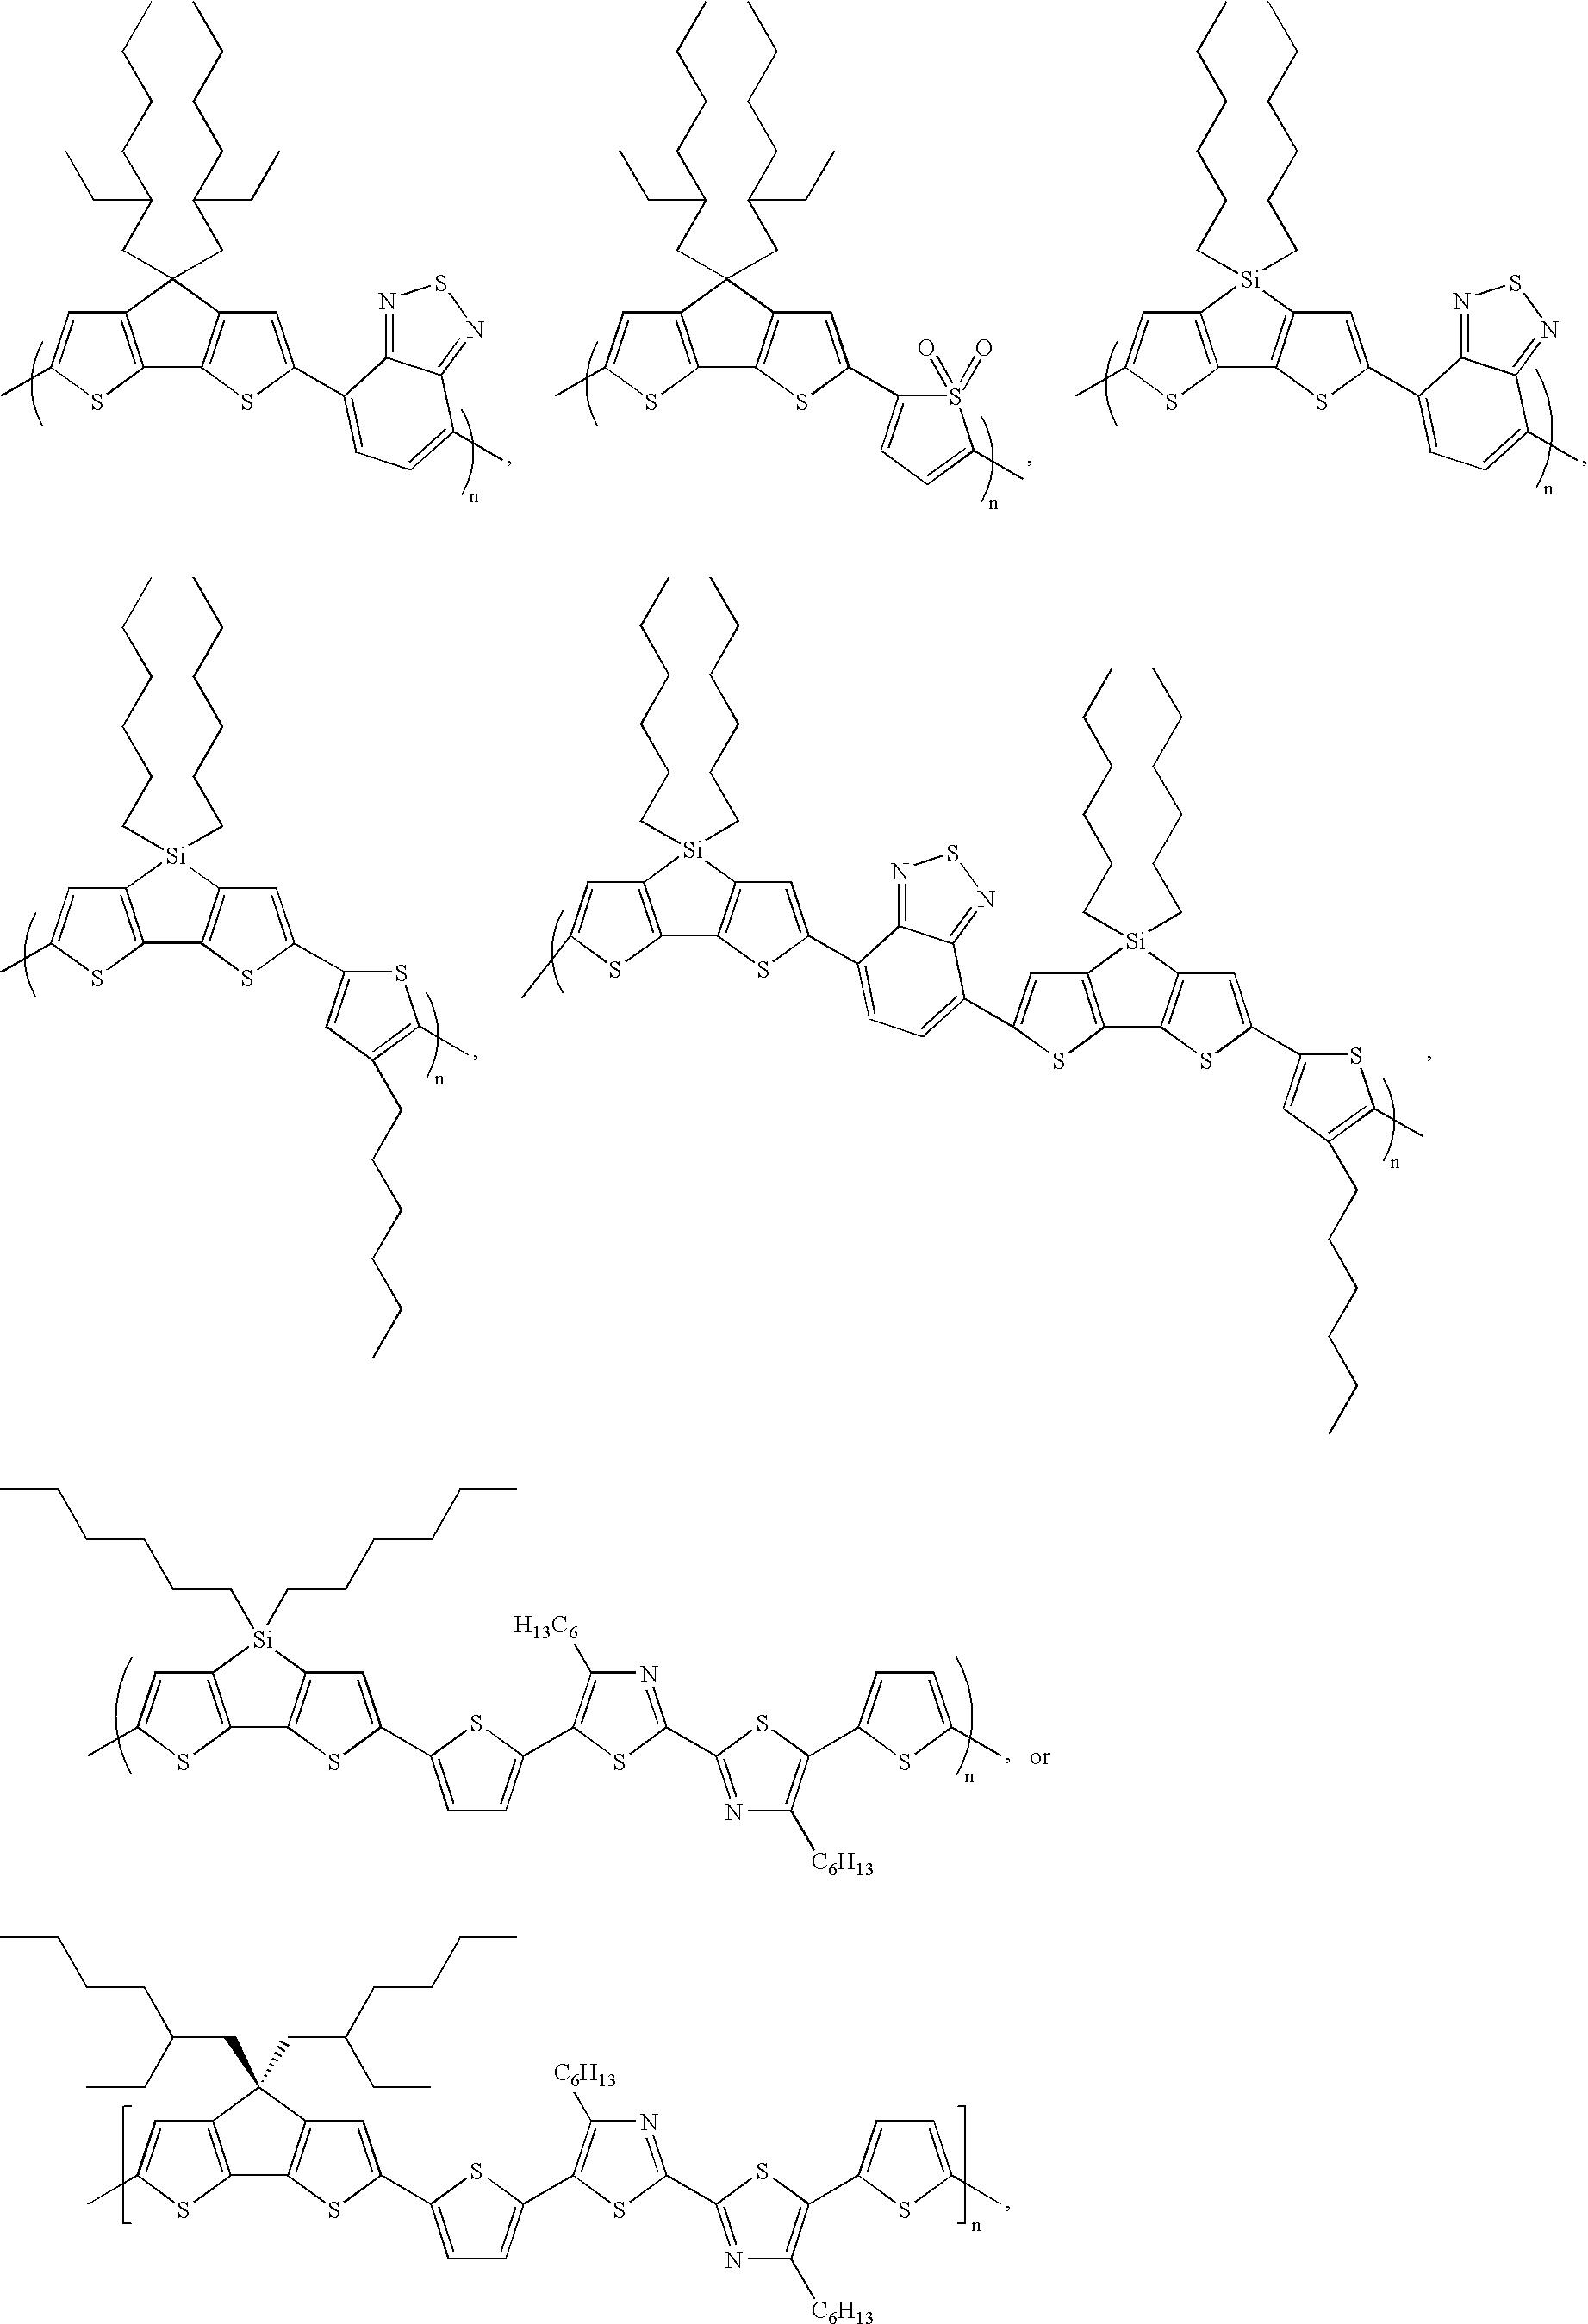 Figure US20070181179A1-20070809-C00010